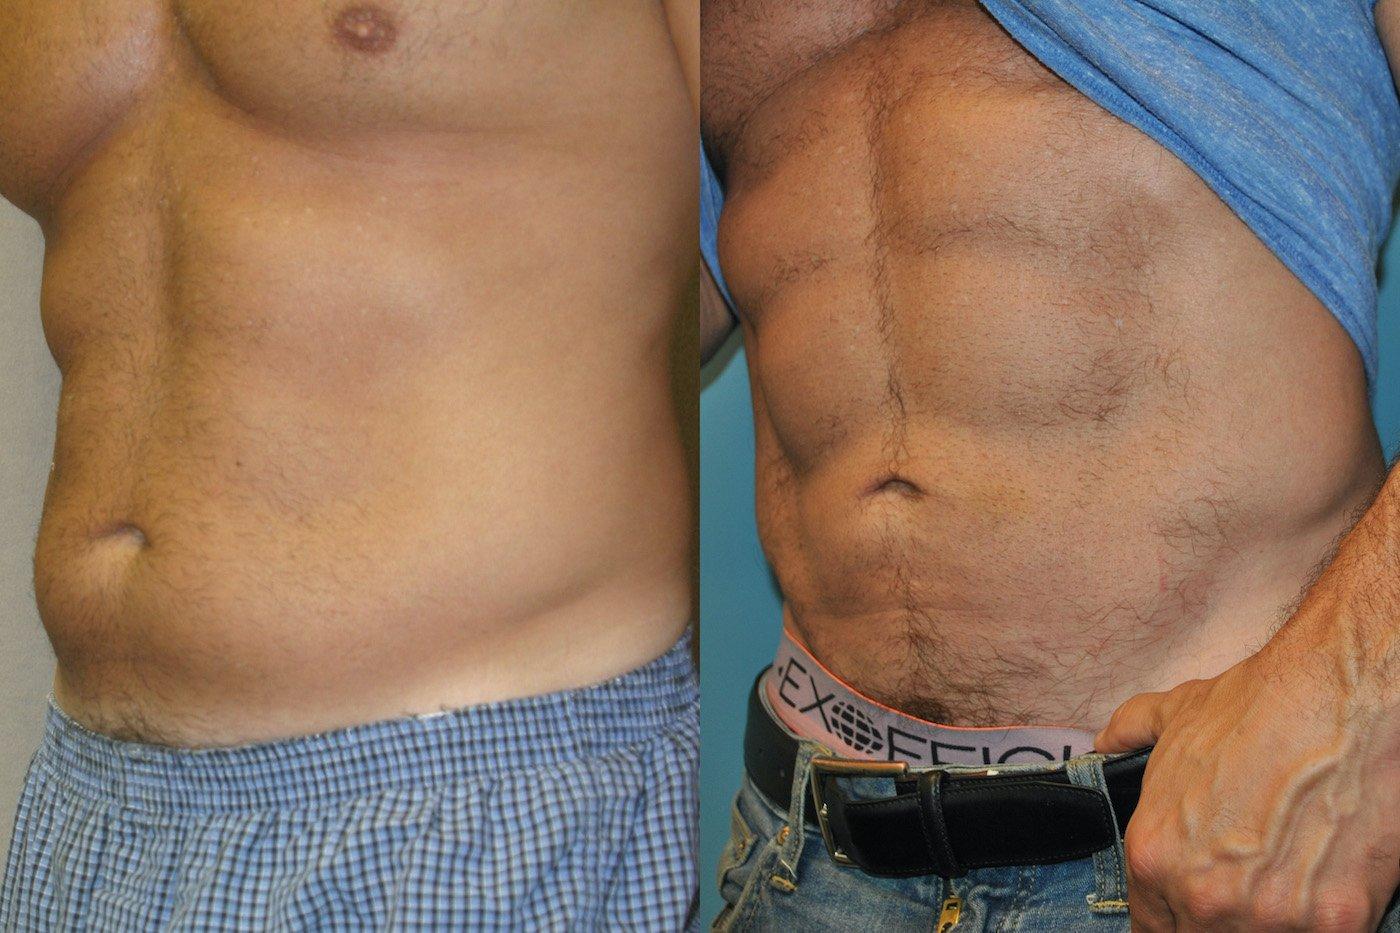 Abdominal etching liposuction abdomen